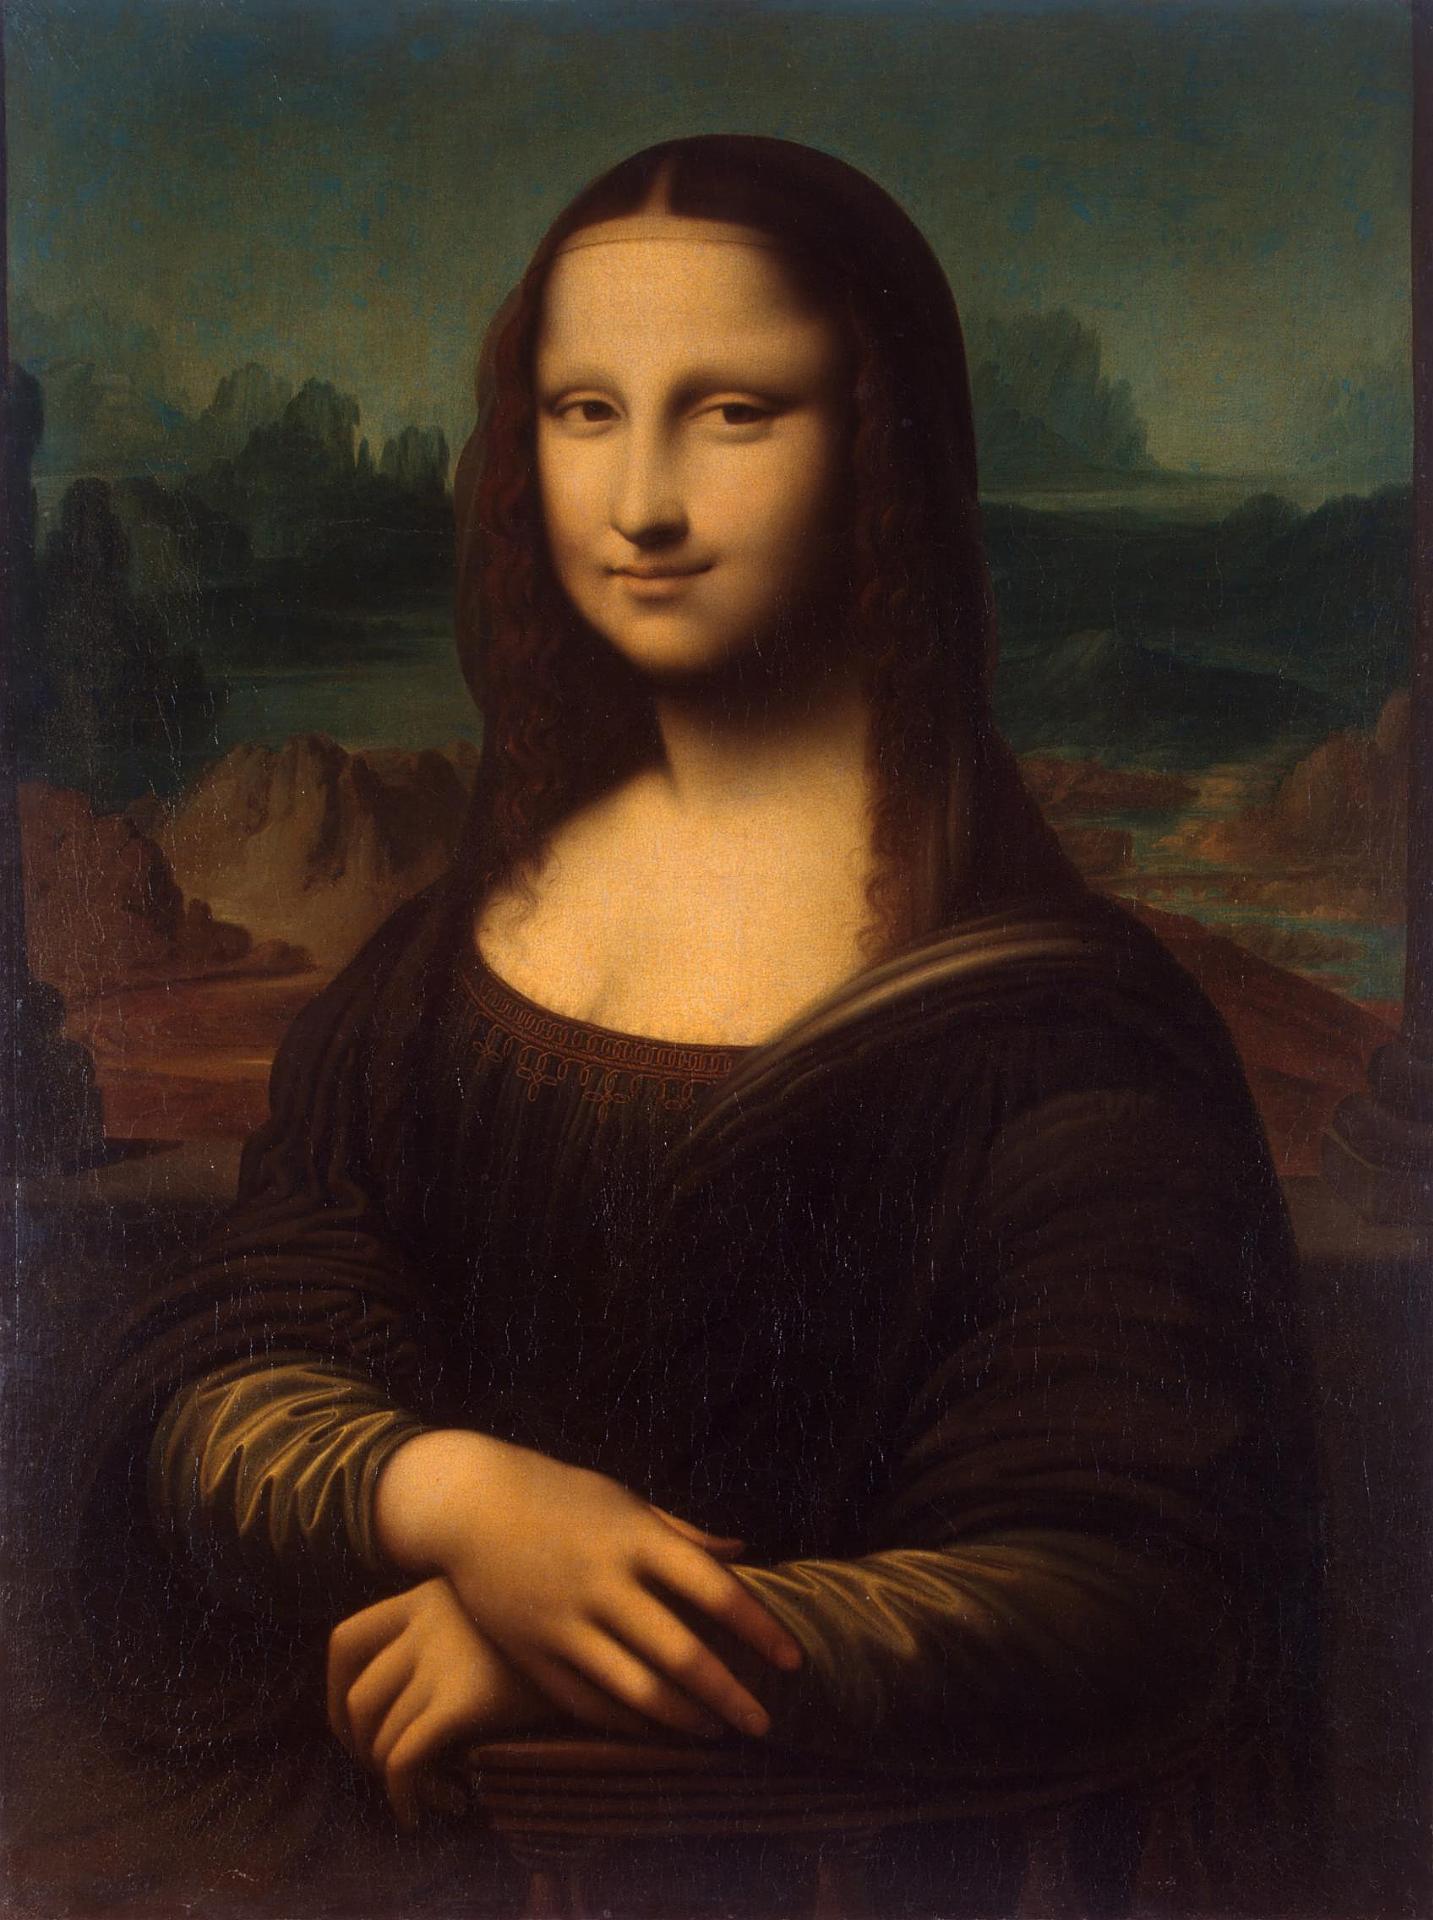 Леонардо да Винчи - Мона Лиза copy Hermitage